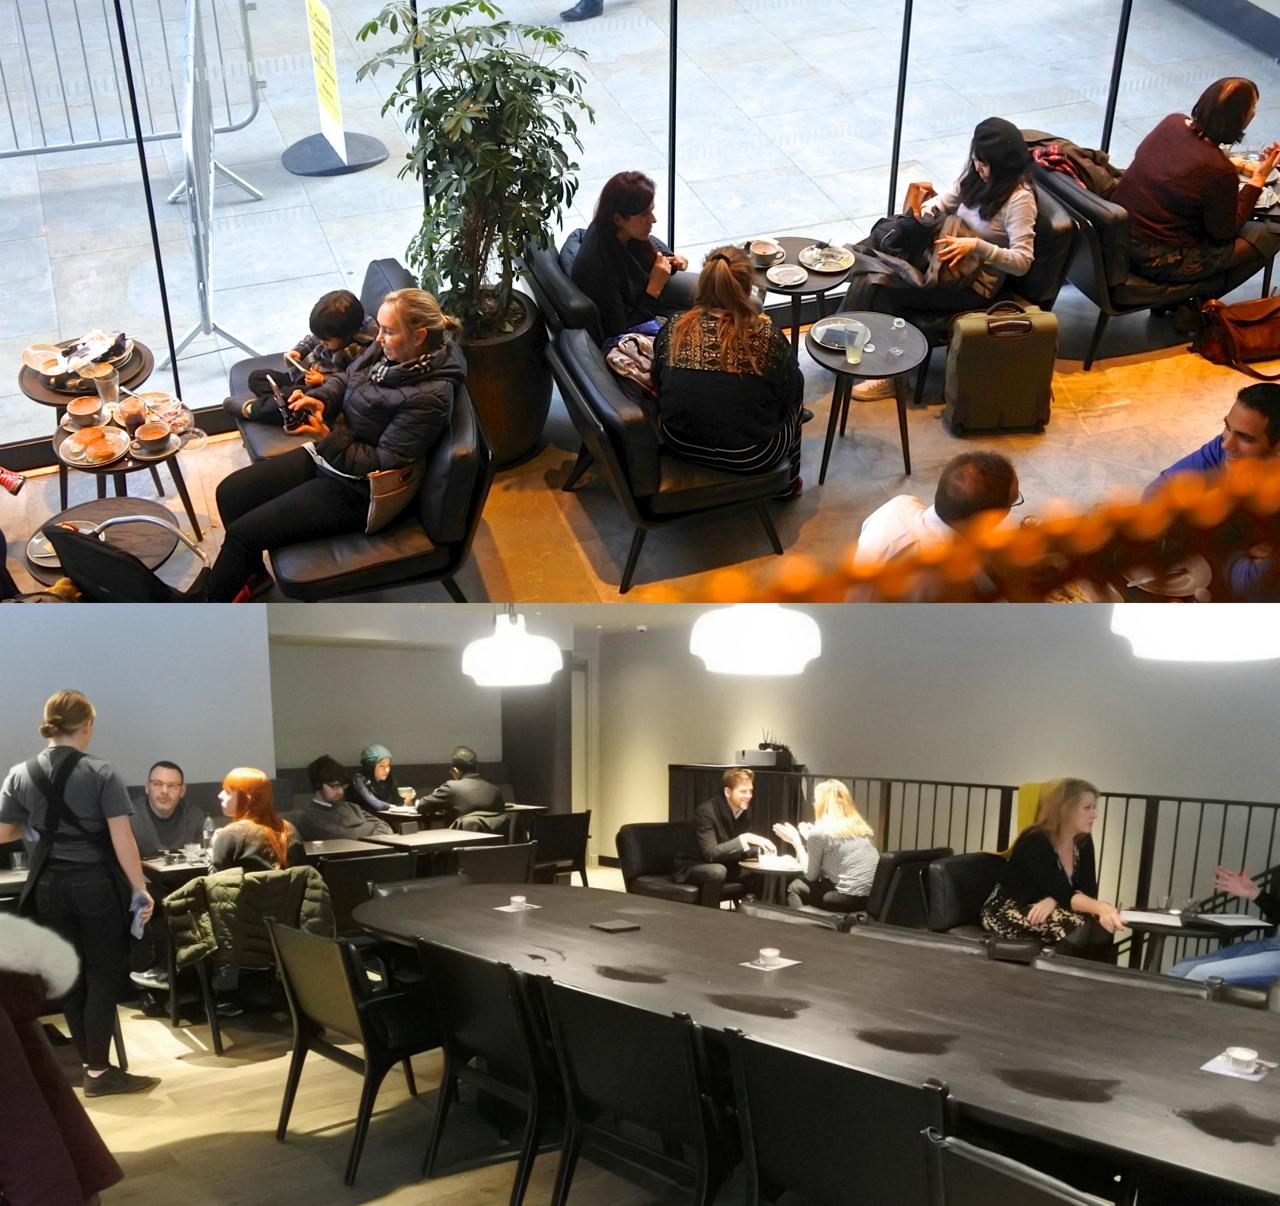 上の写真は、2階席からの眺め。下の写真は、2階席に置いてある長〜いコミューナル・テーブル。なかなか落ち着ける空間です